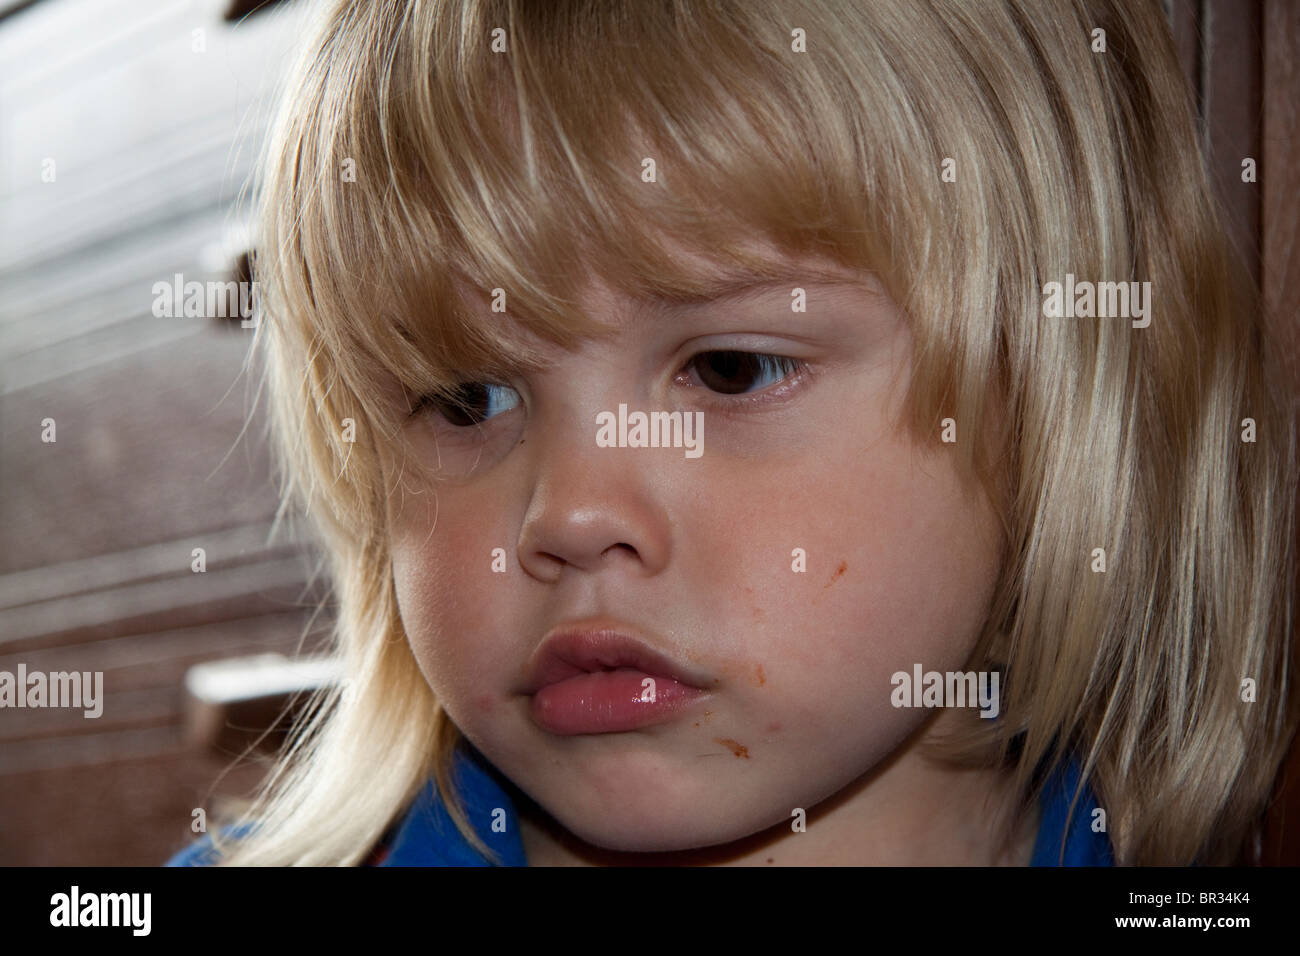 Garçon avec de longs cheveux blonds et un visage sale bouder Photo Stock